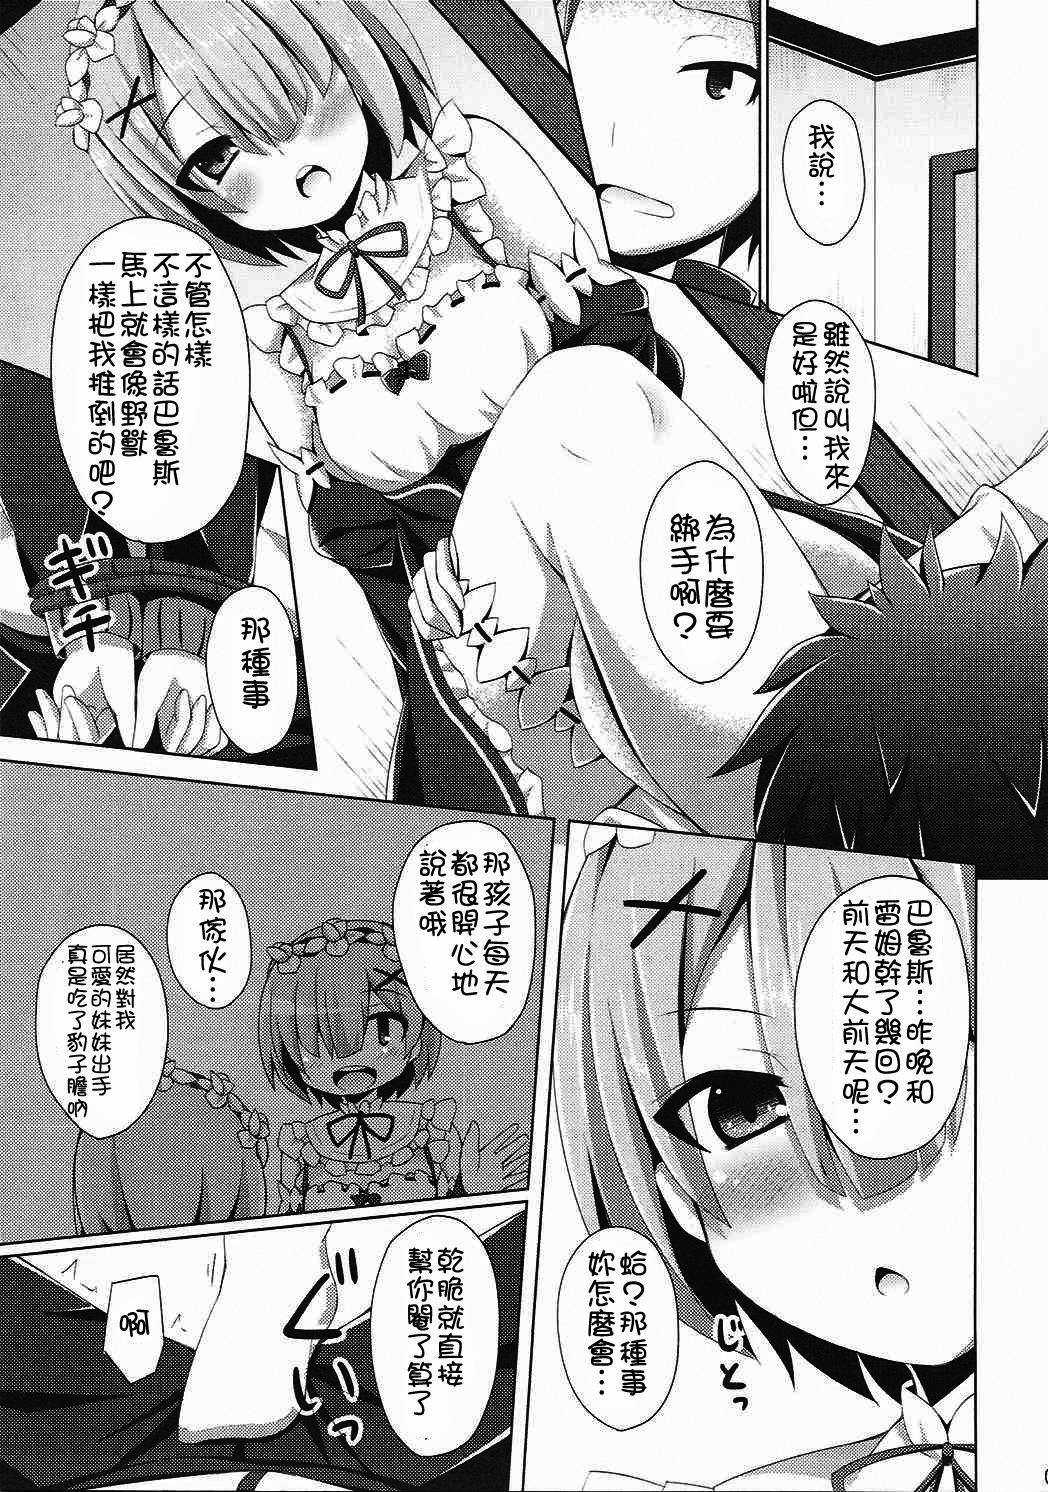 """""""A Subaru-kun Ecchi Shimasu?"""" """"Chotto Barusu Nani Jiro Jiro Miten no yo"""" 8"""